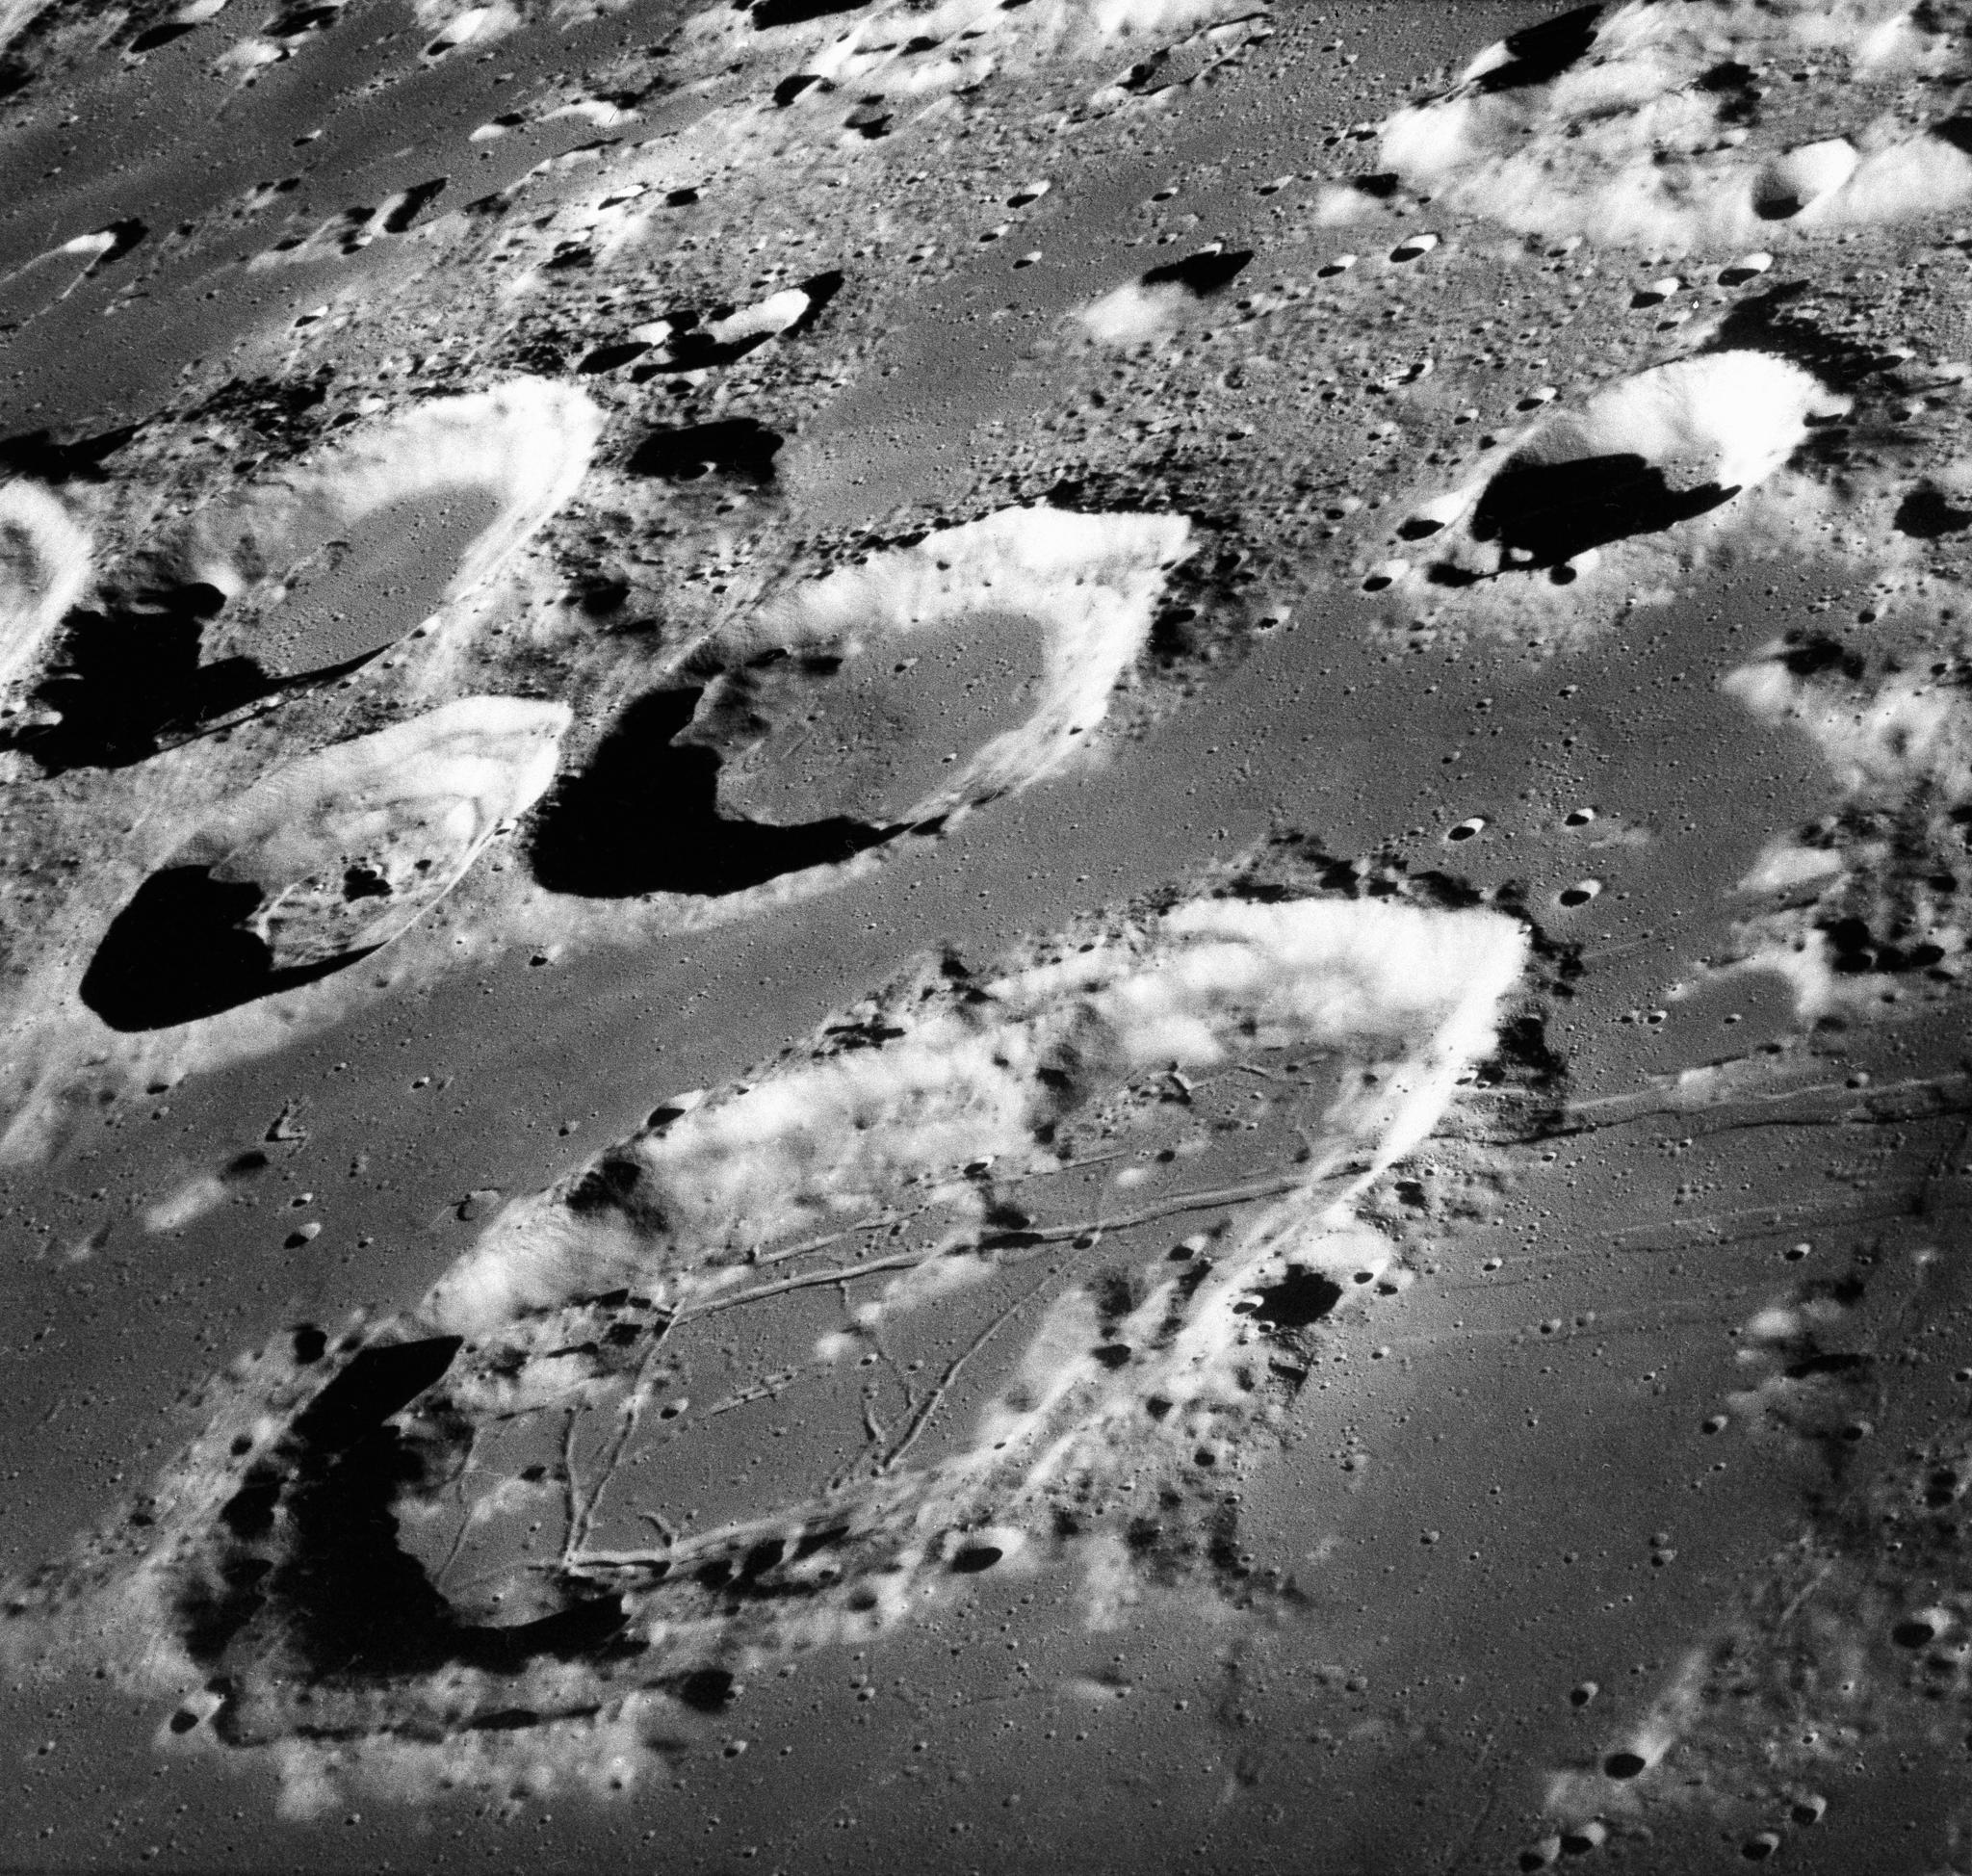 фотографии кратеров луны информацию про мужское